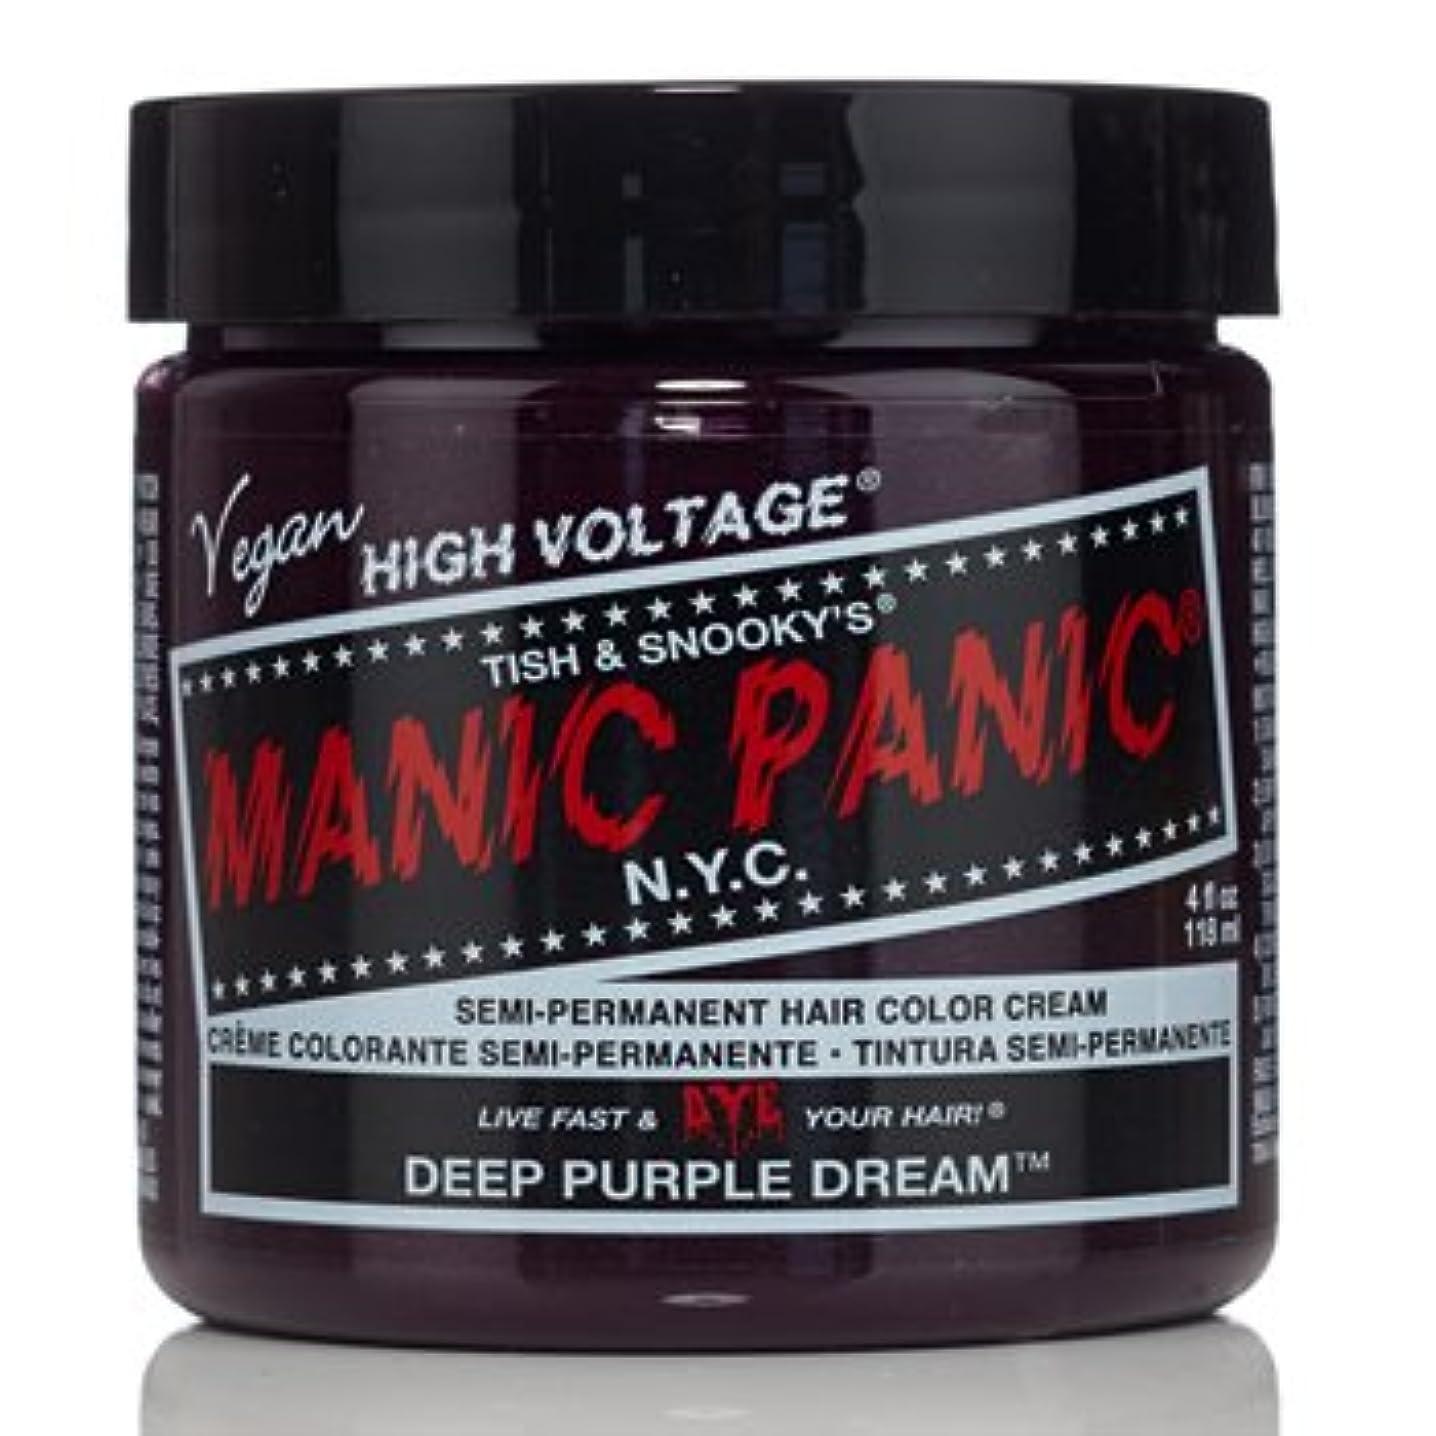 退屈な癌リンス【3個セット】MANIC PANIC マニックパニック ディープパープルドリーム MC11048 118ml